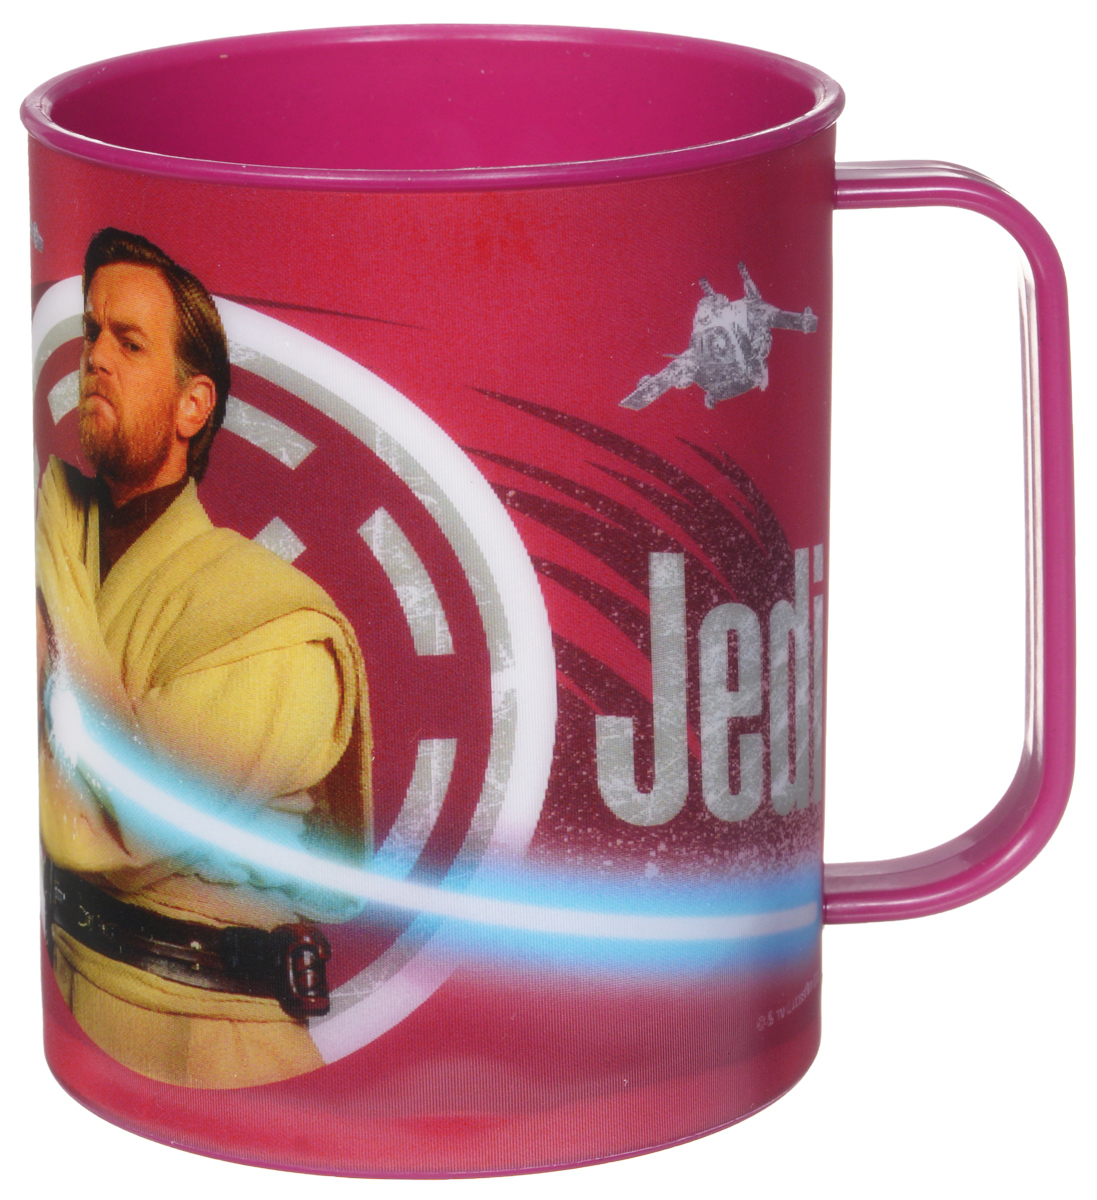 Star Wars Кружка детская Джедай 325 млSWM325-03Детская кружка Star Wars Джедай станет отличным подарком для любого фаната знаменитой саги. Она выполнена из полипропилена и оформлена рисунком с изображением джедая Оби-Вана Кеноби. Специальное покрытие с отливом делает изображение на кружке более объемным.Объем кружки: 325 мл. Не подходит для использования в посудомоечной машине и СВЧ-печи.